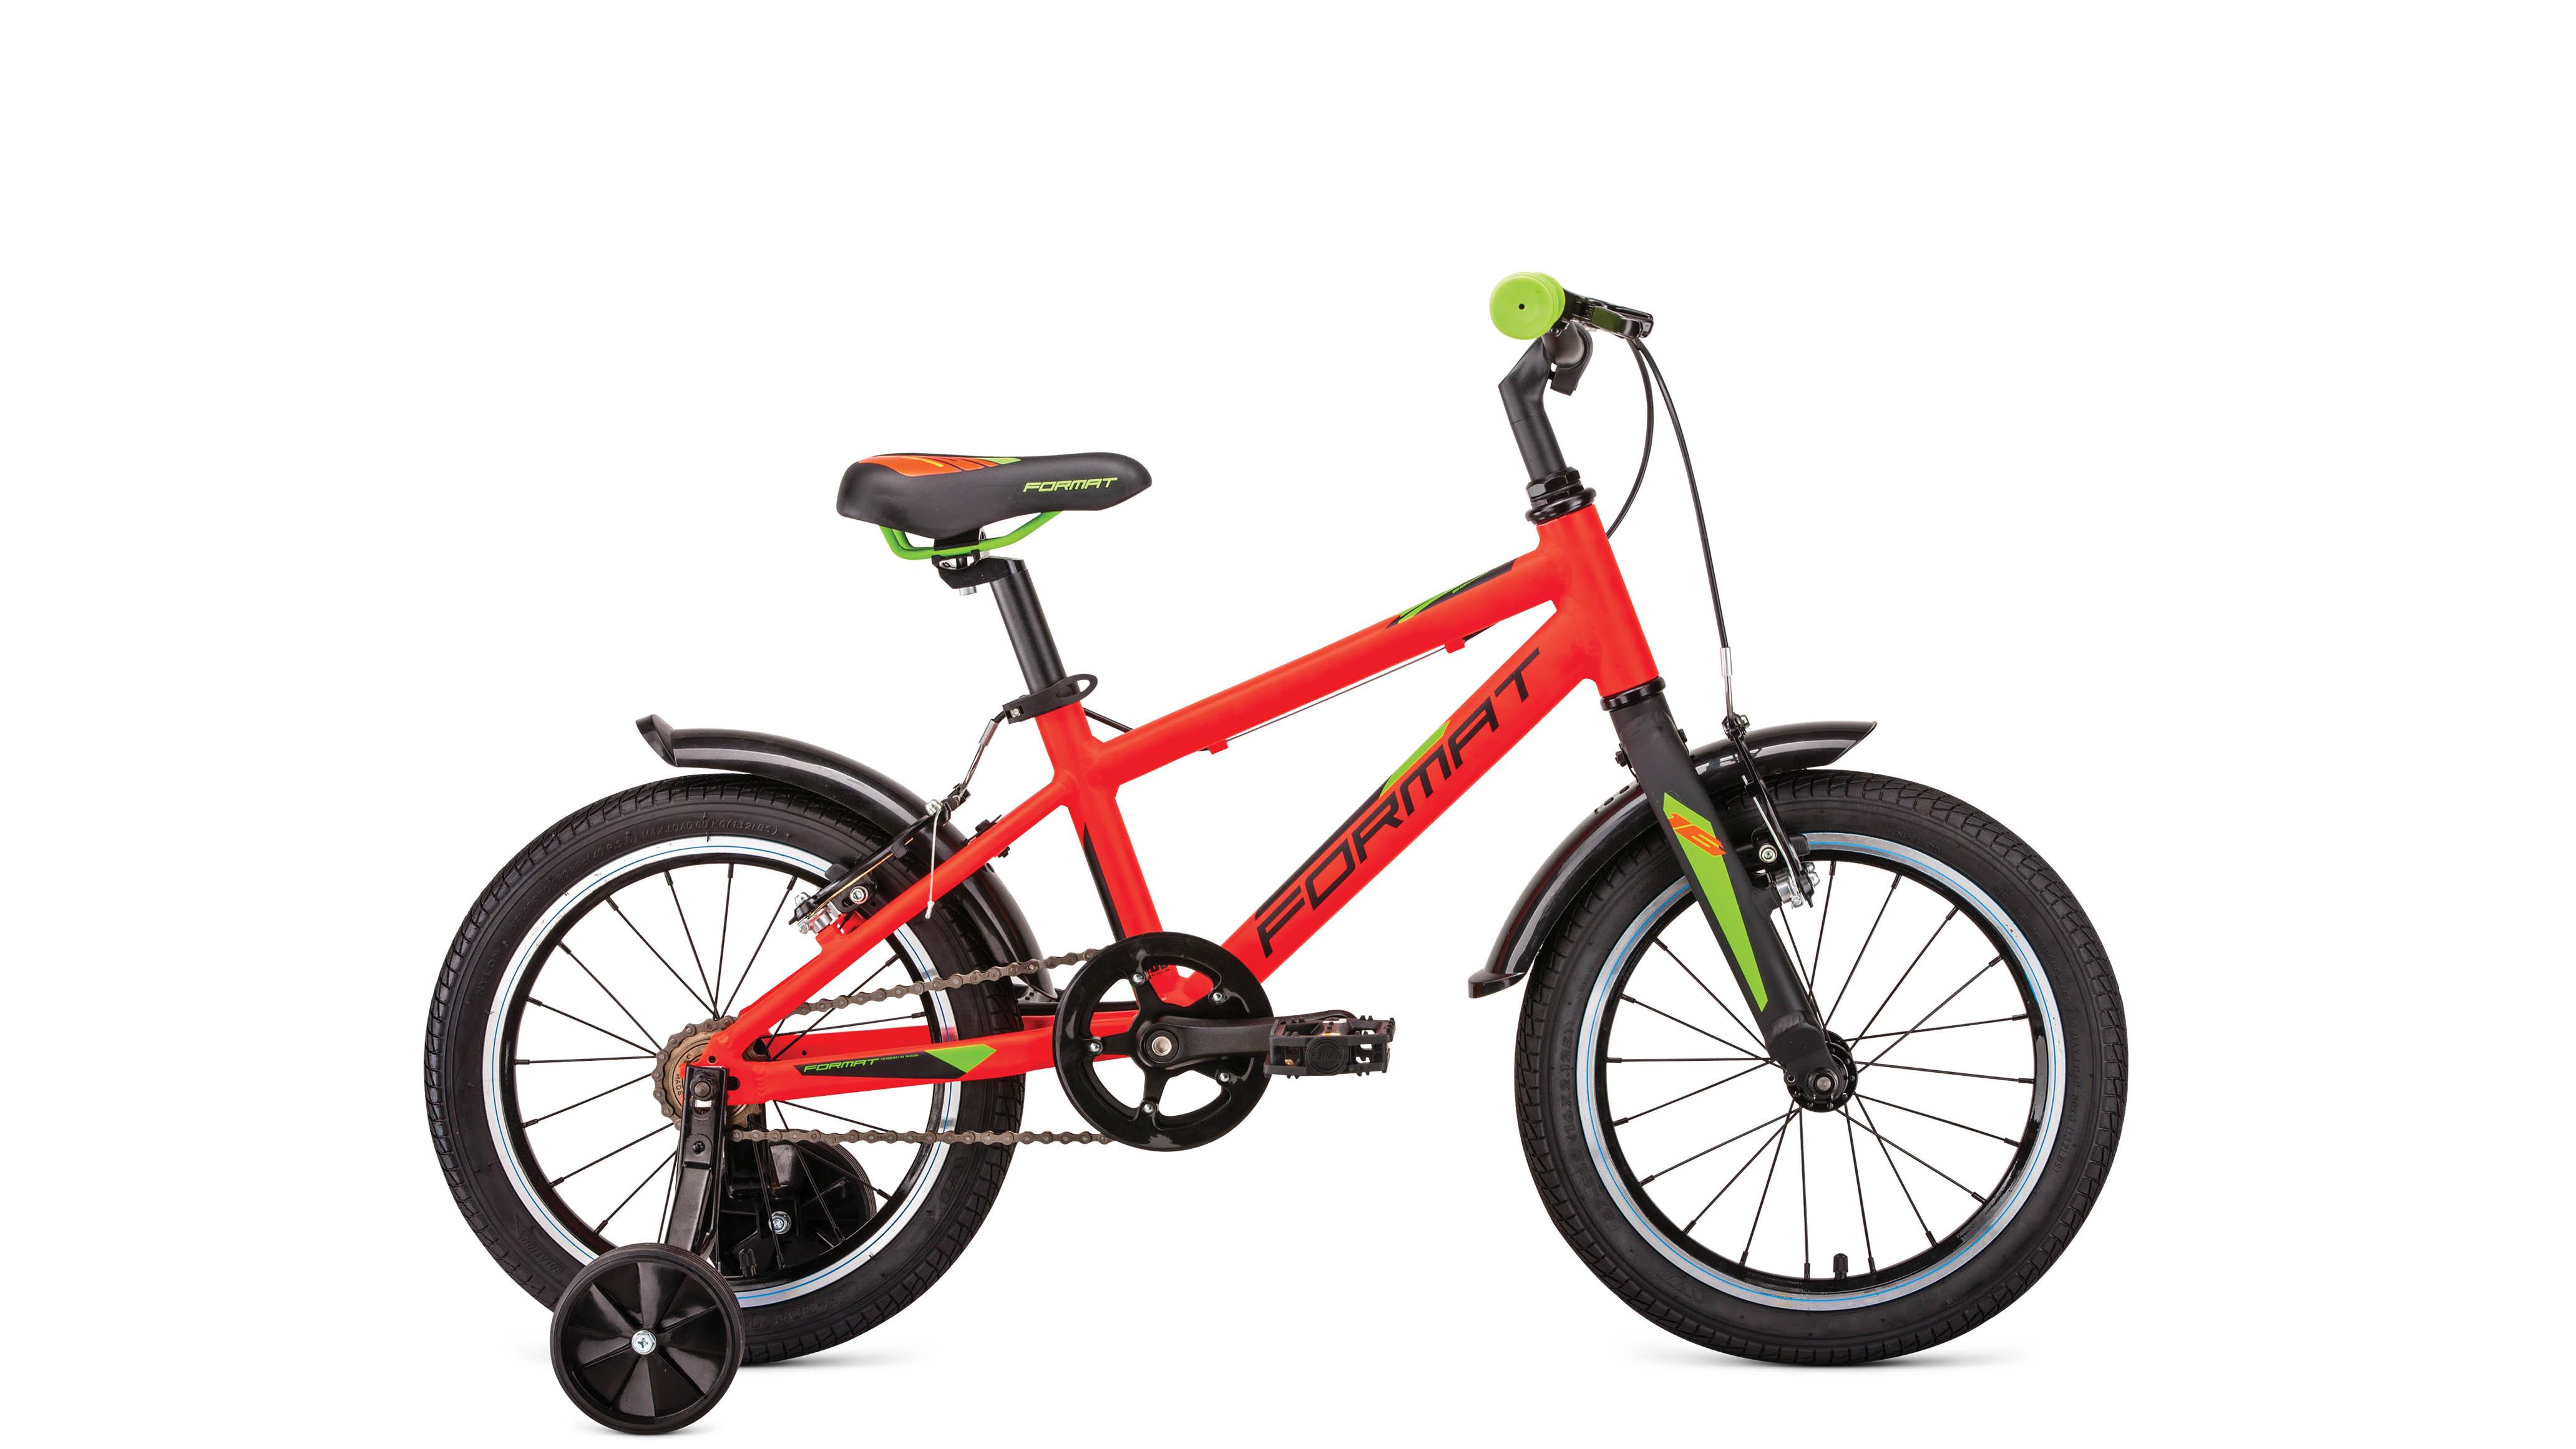 Велосипед Format kids 16 2019 красный матовый one size